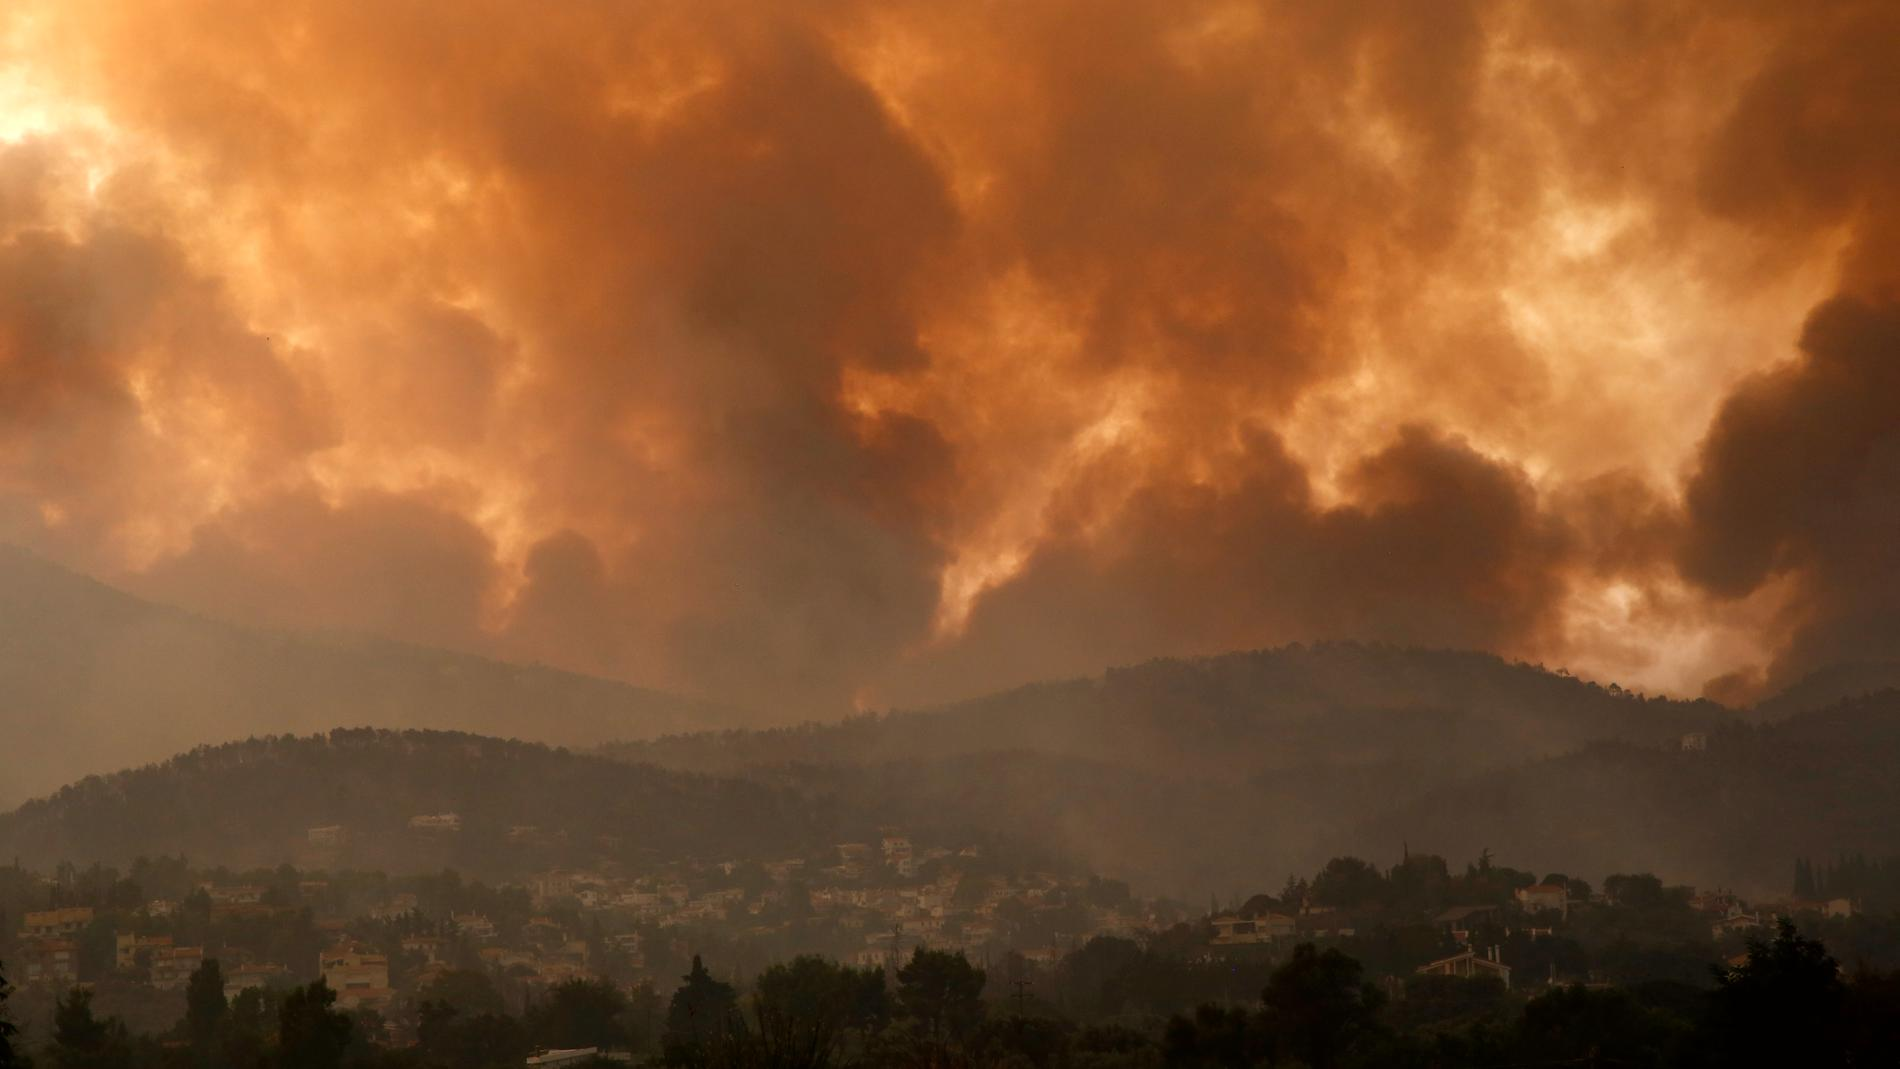 Rök sprider sig över berget Parnitha och byn Ippokratios Politia, 35 kilometer från huvudstaden Aten.